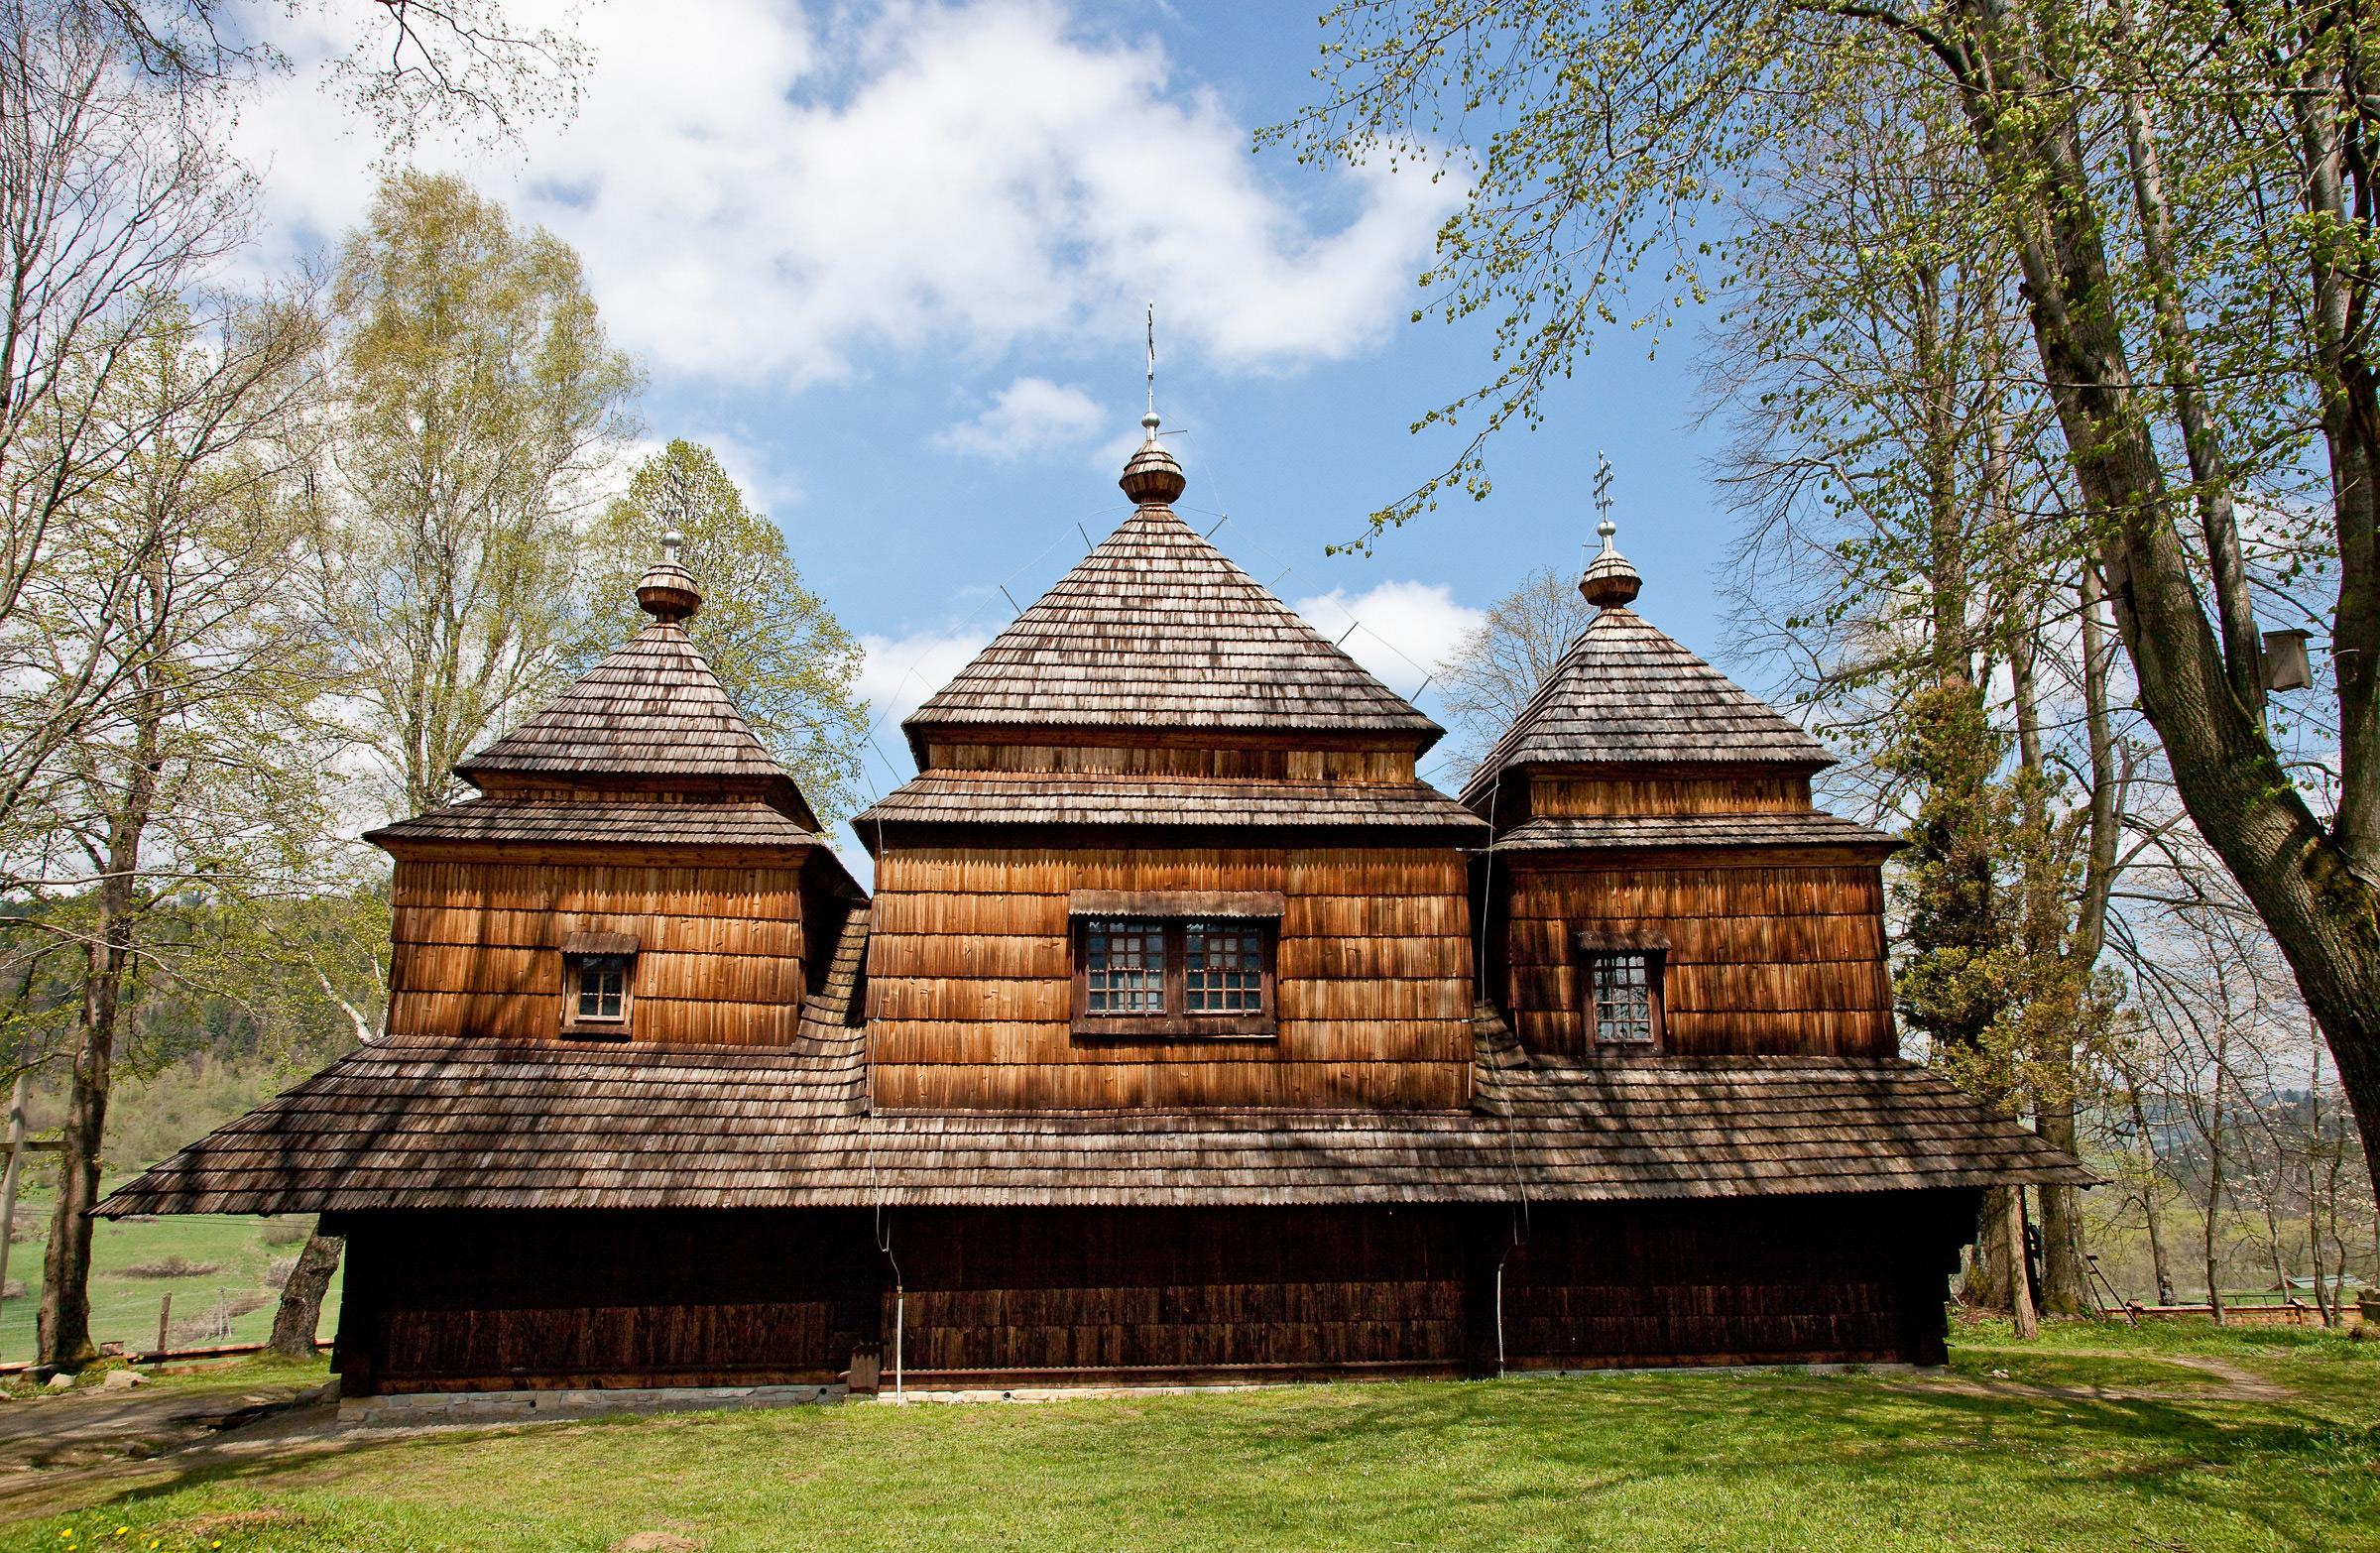 Drewniana cerkiew greckokatolicka pw. św. Michała Archanioła w Smolniku. fot. Krzysztof Zajączkowski